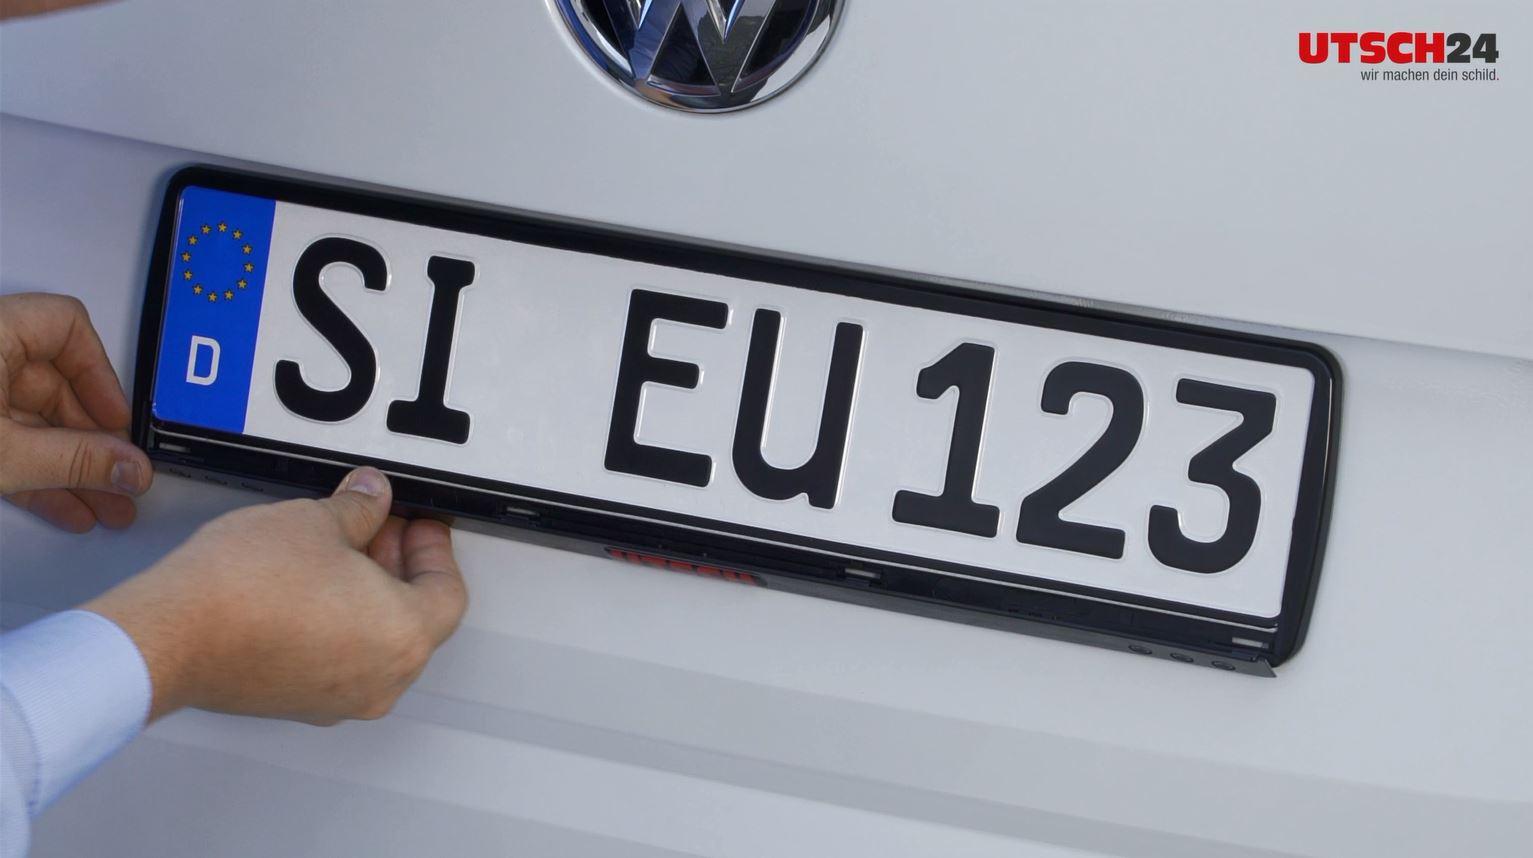 Kennzeichenhalter ERUCARAT Exclusive Metallic geschwungen